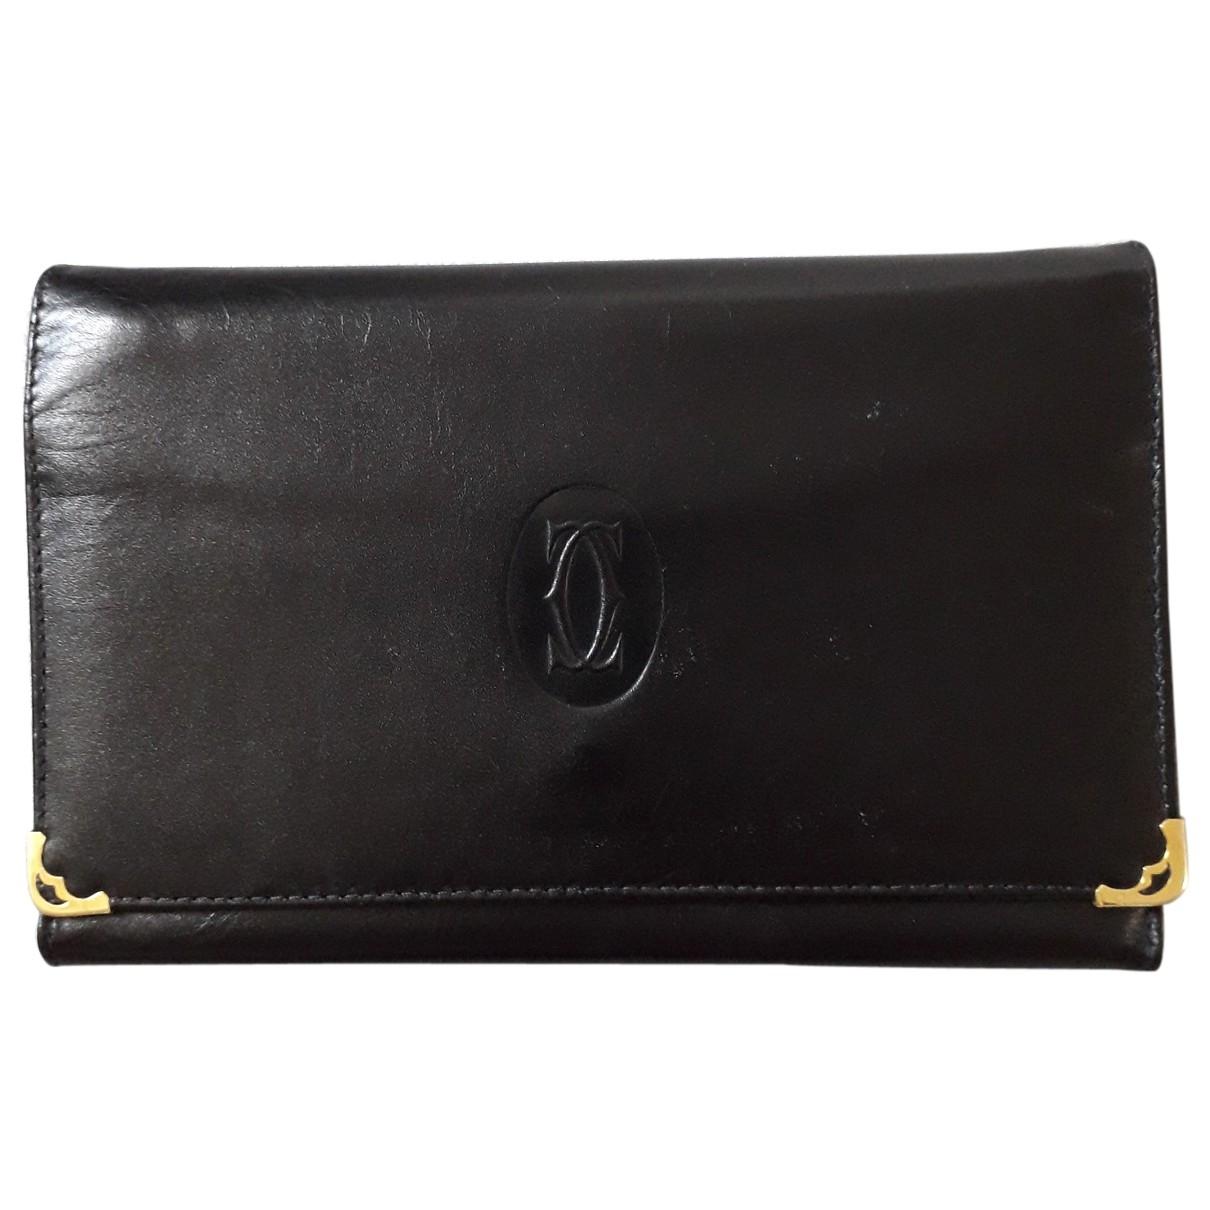 Cartier \N Clutch in  Schwarz Leder